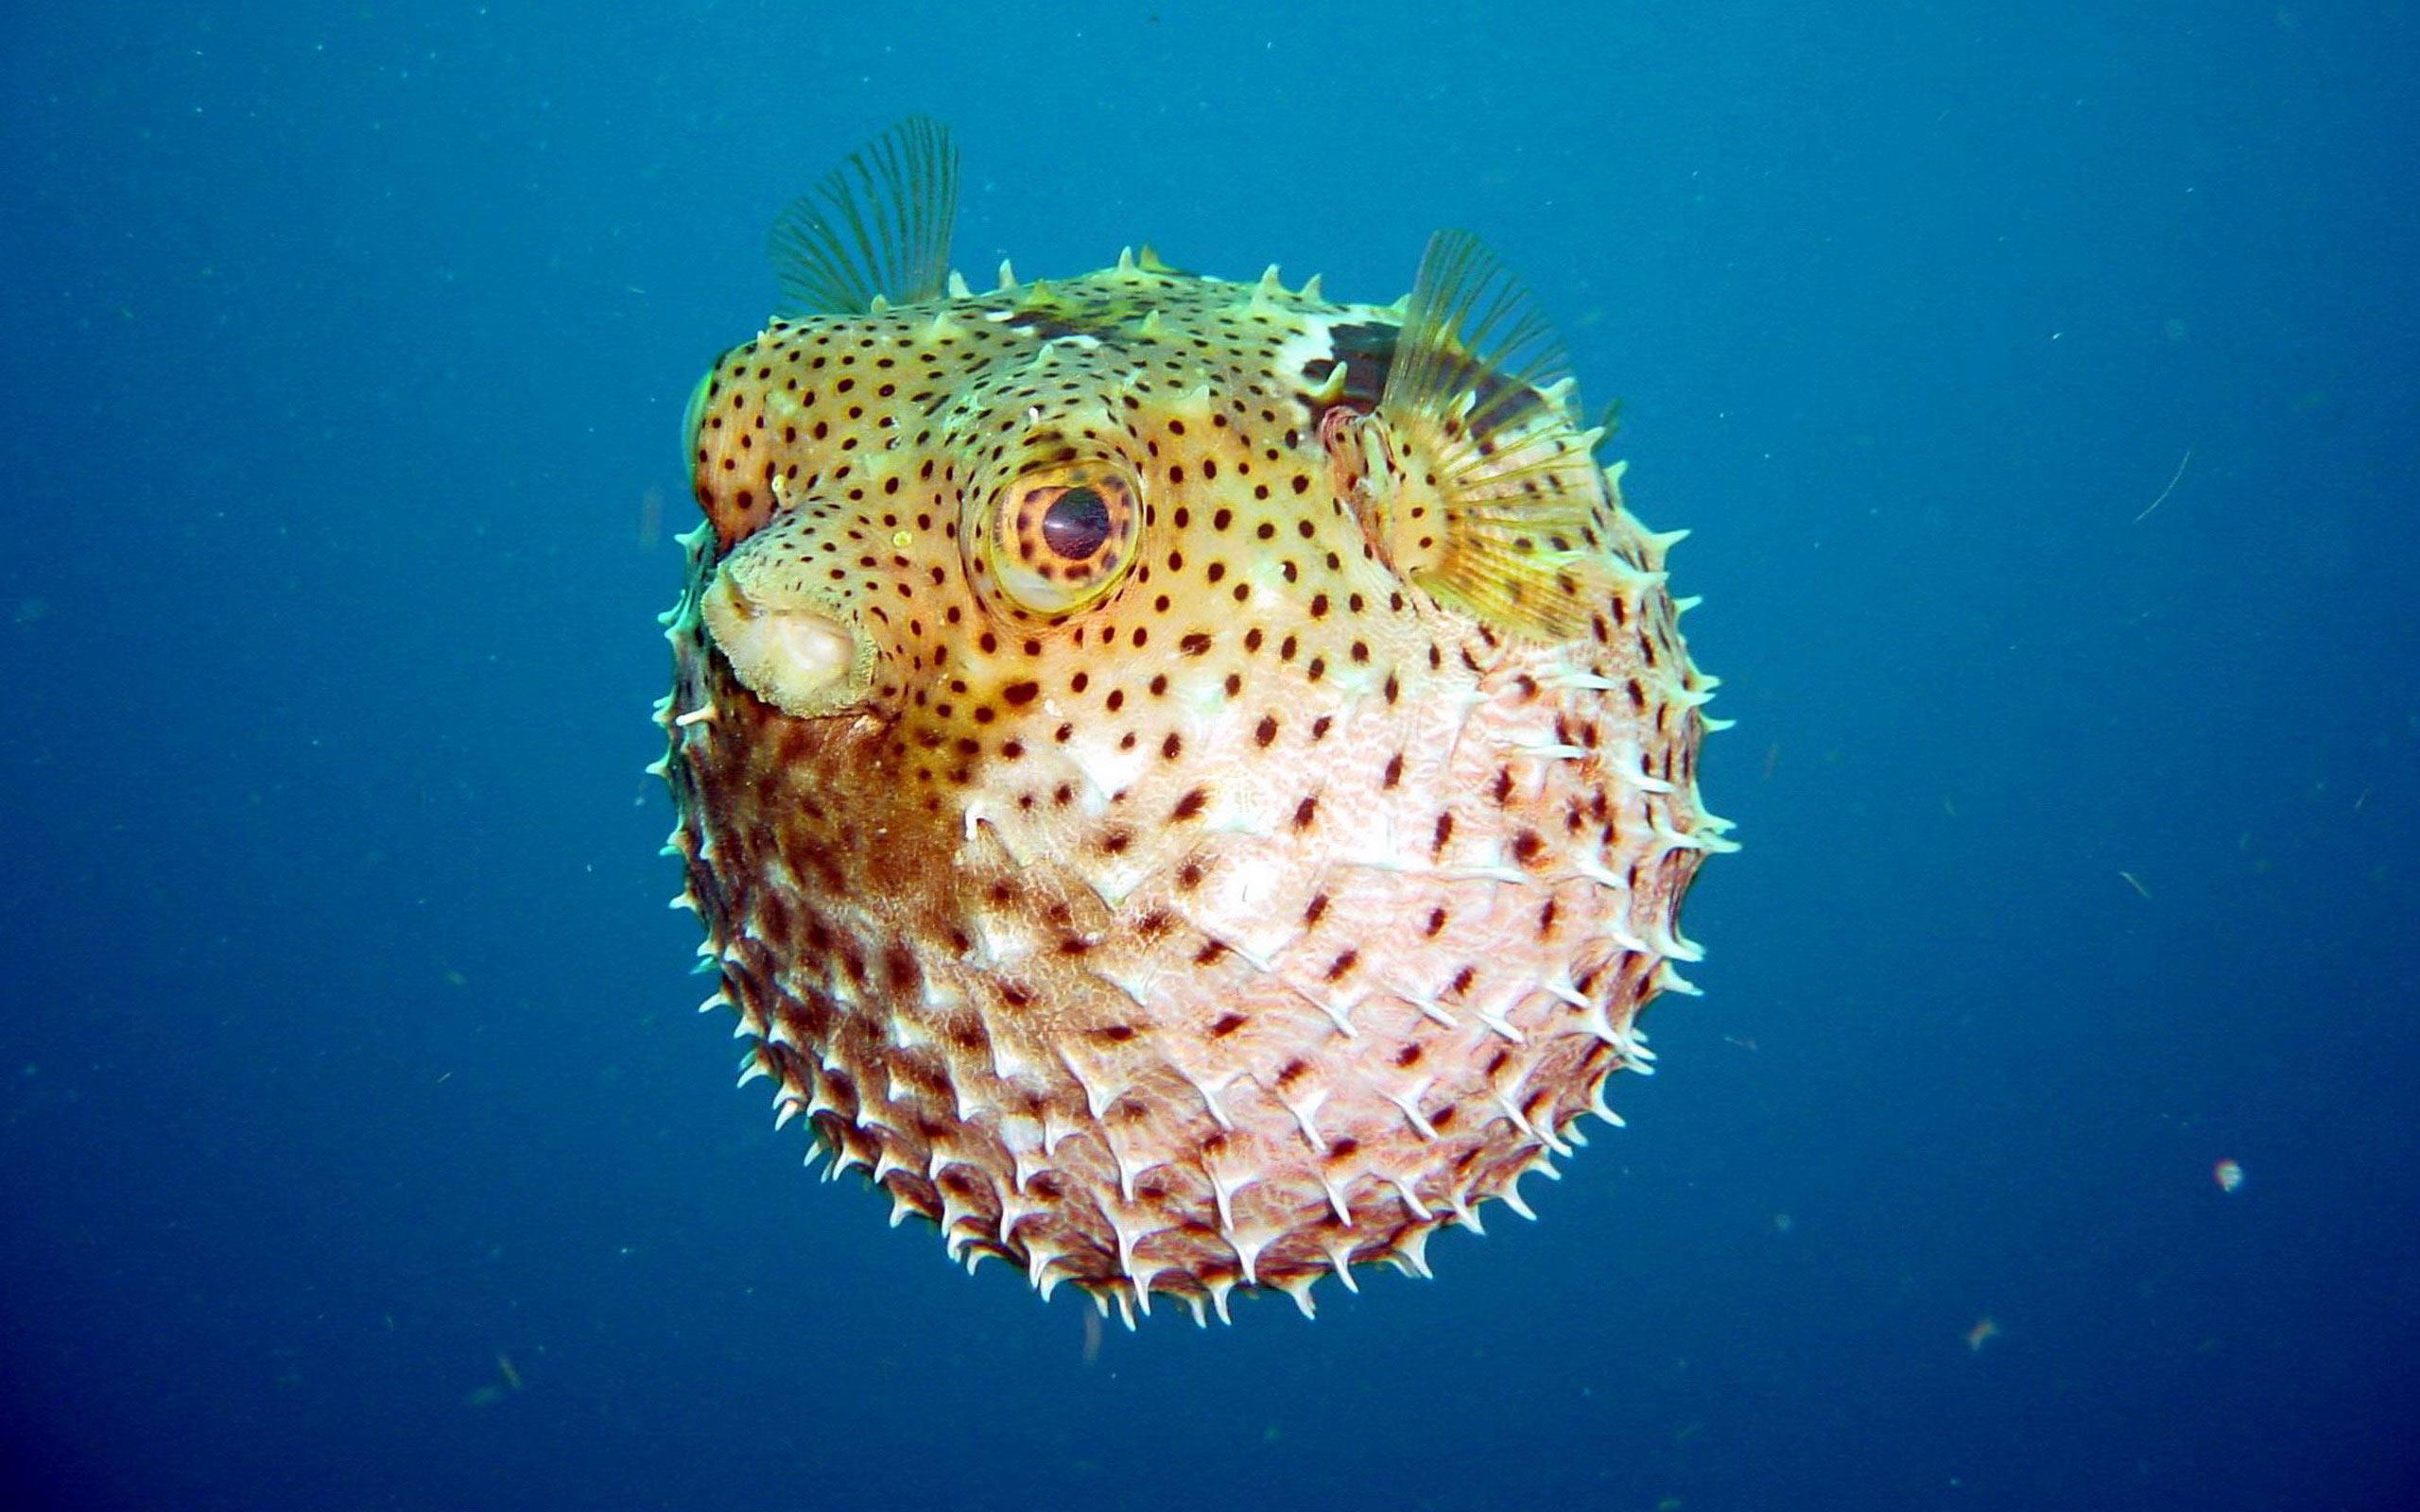 الينفوخ أو السمكة المنتفخة نوع من السمك يستطيع نفخ جسمه مثل البالون.